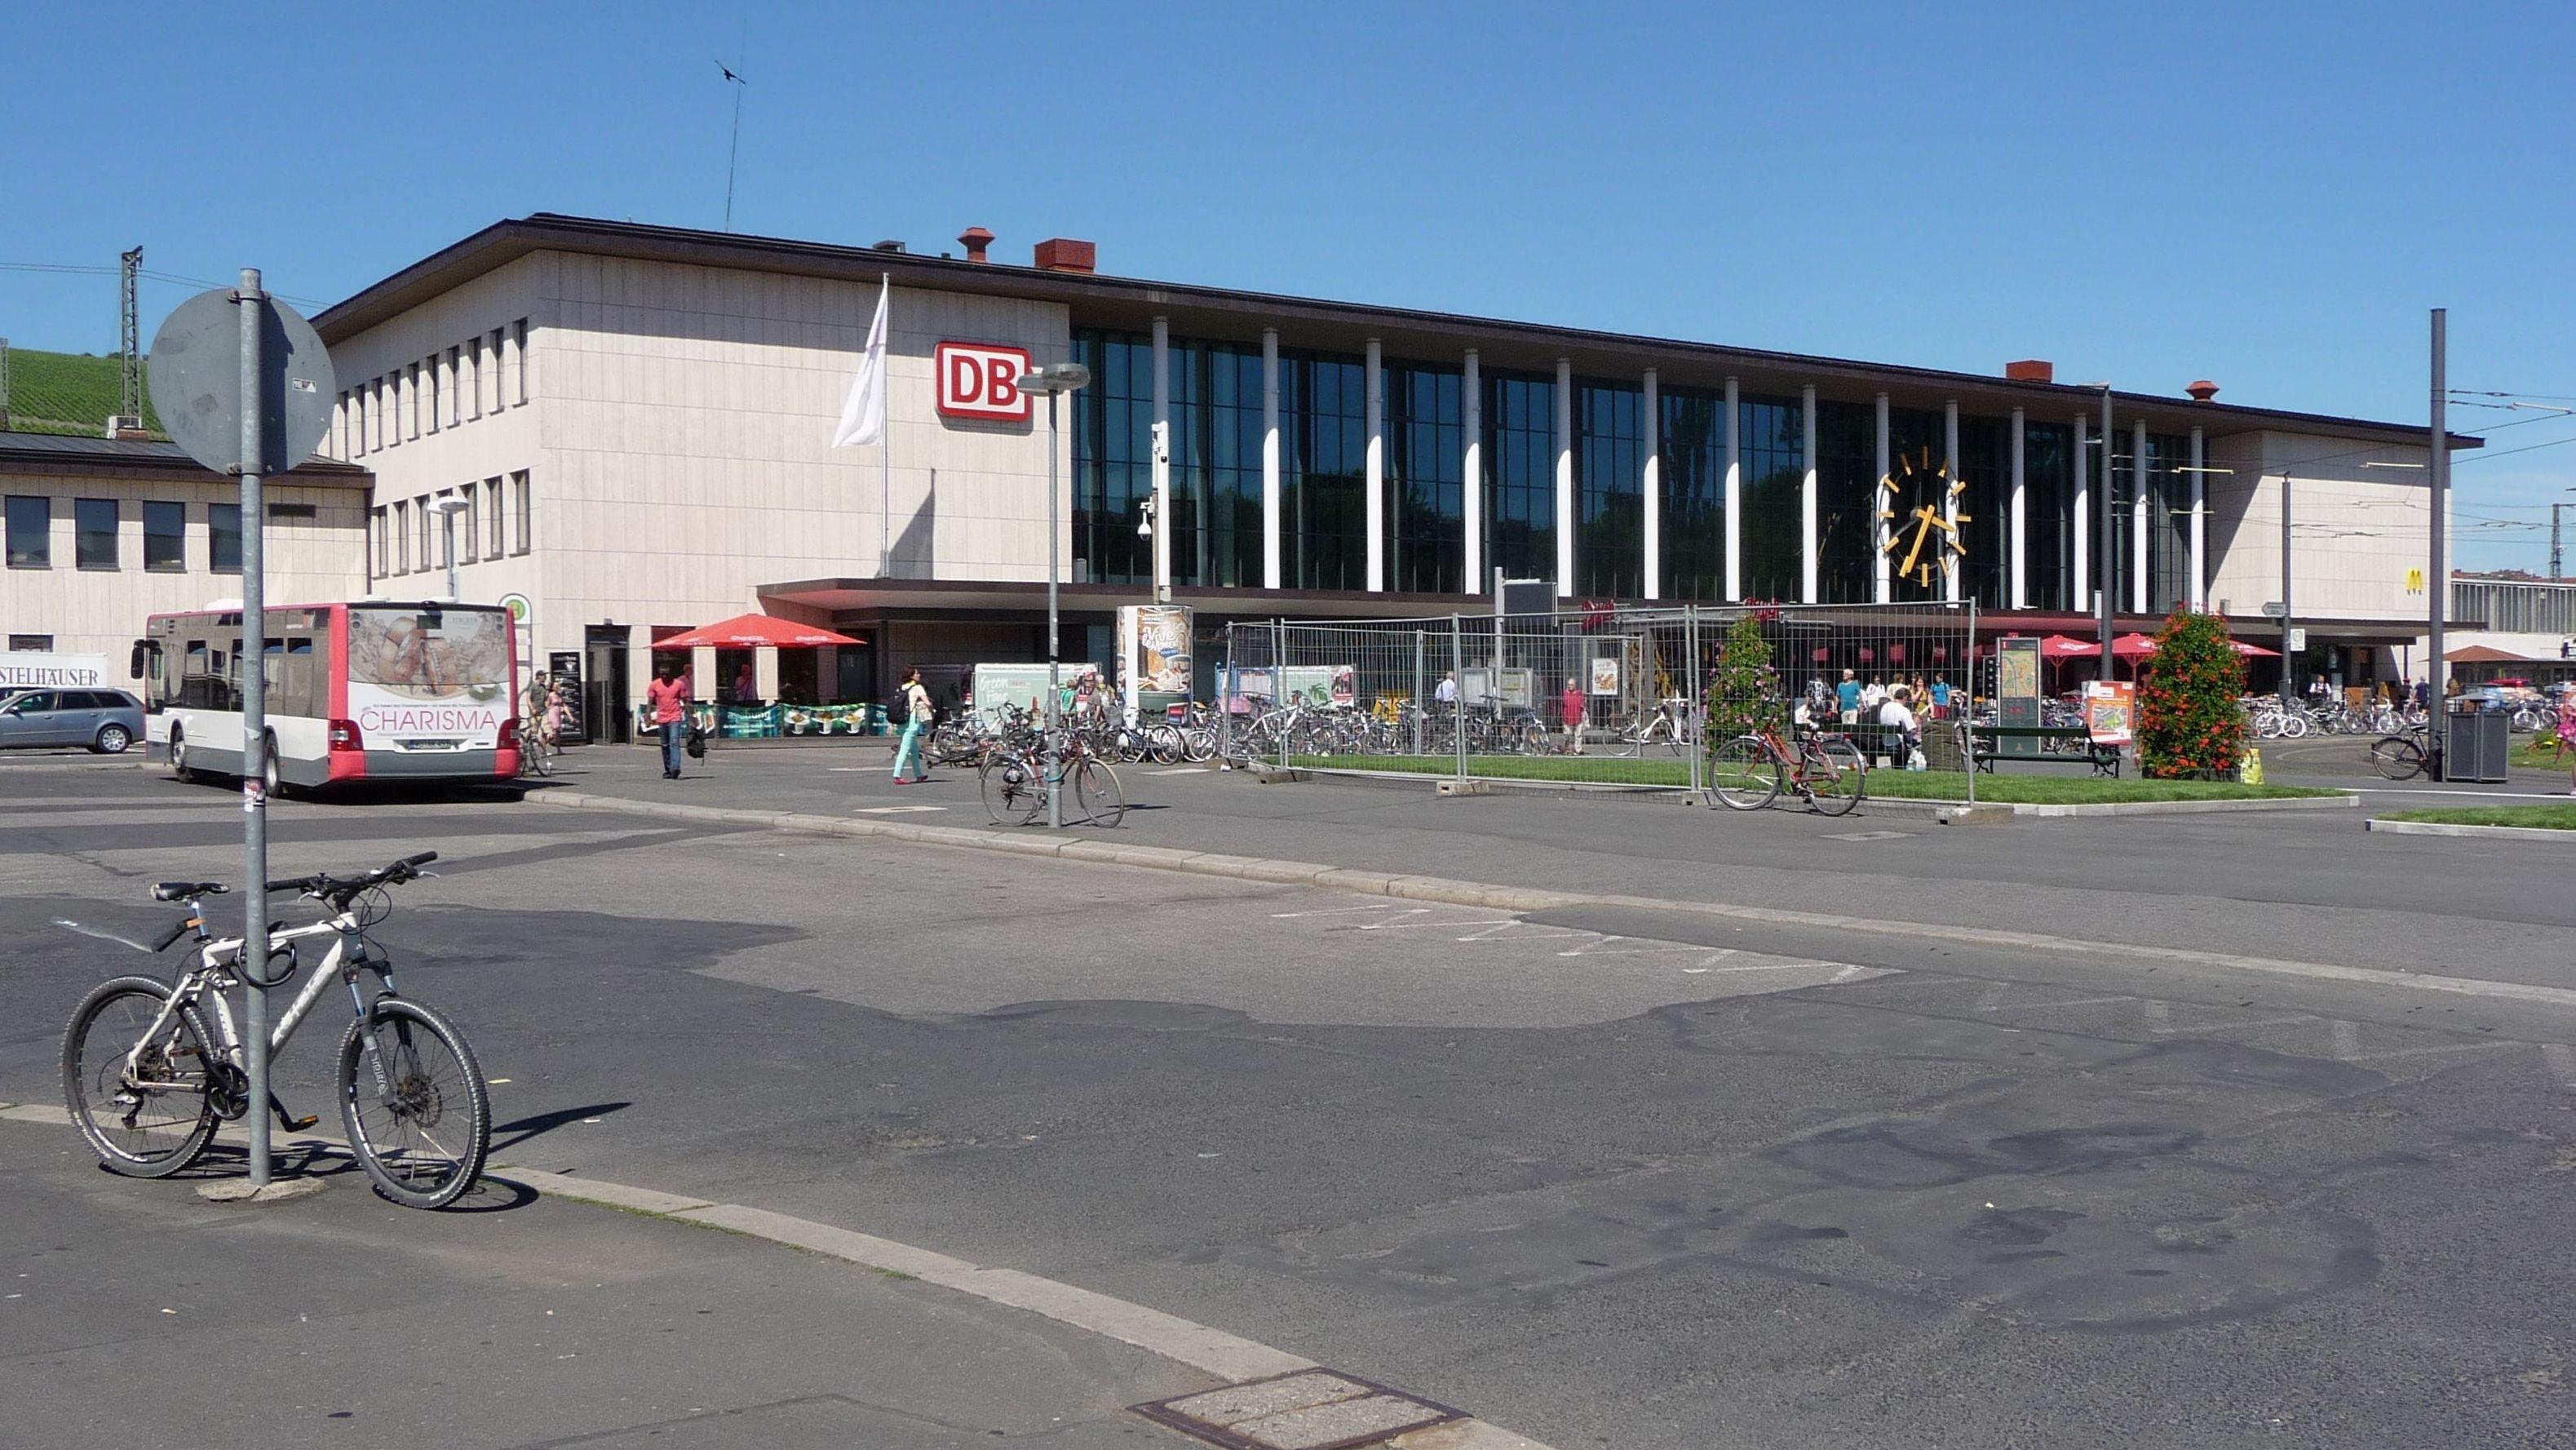 Gebäude des Hauptbahnhofs Würzburg von außen.